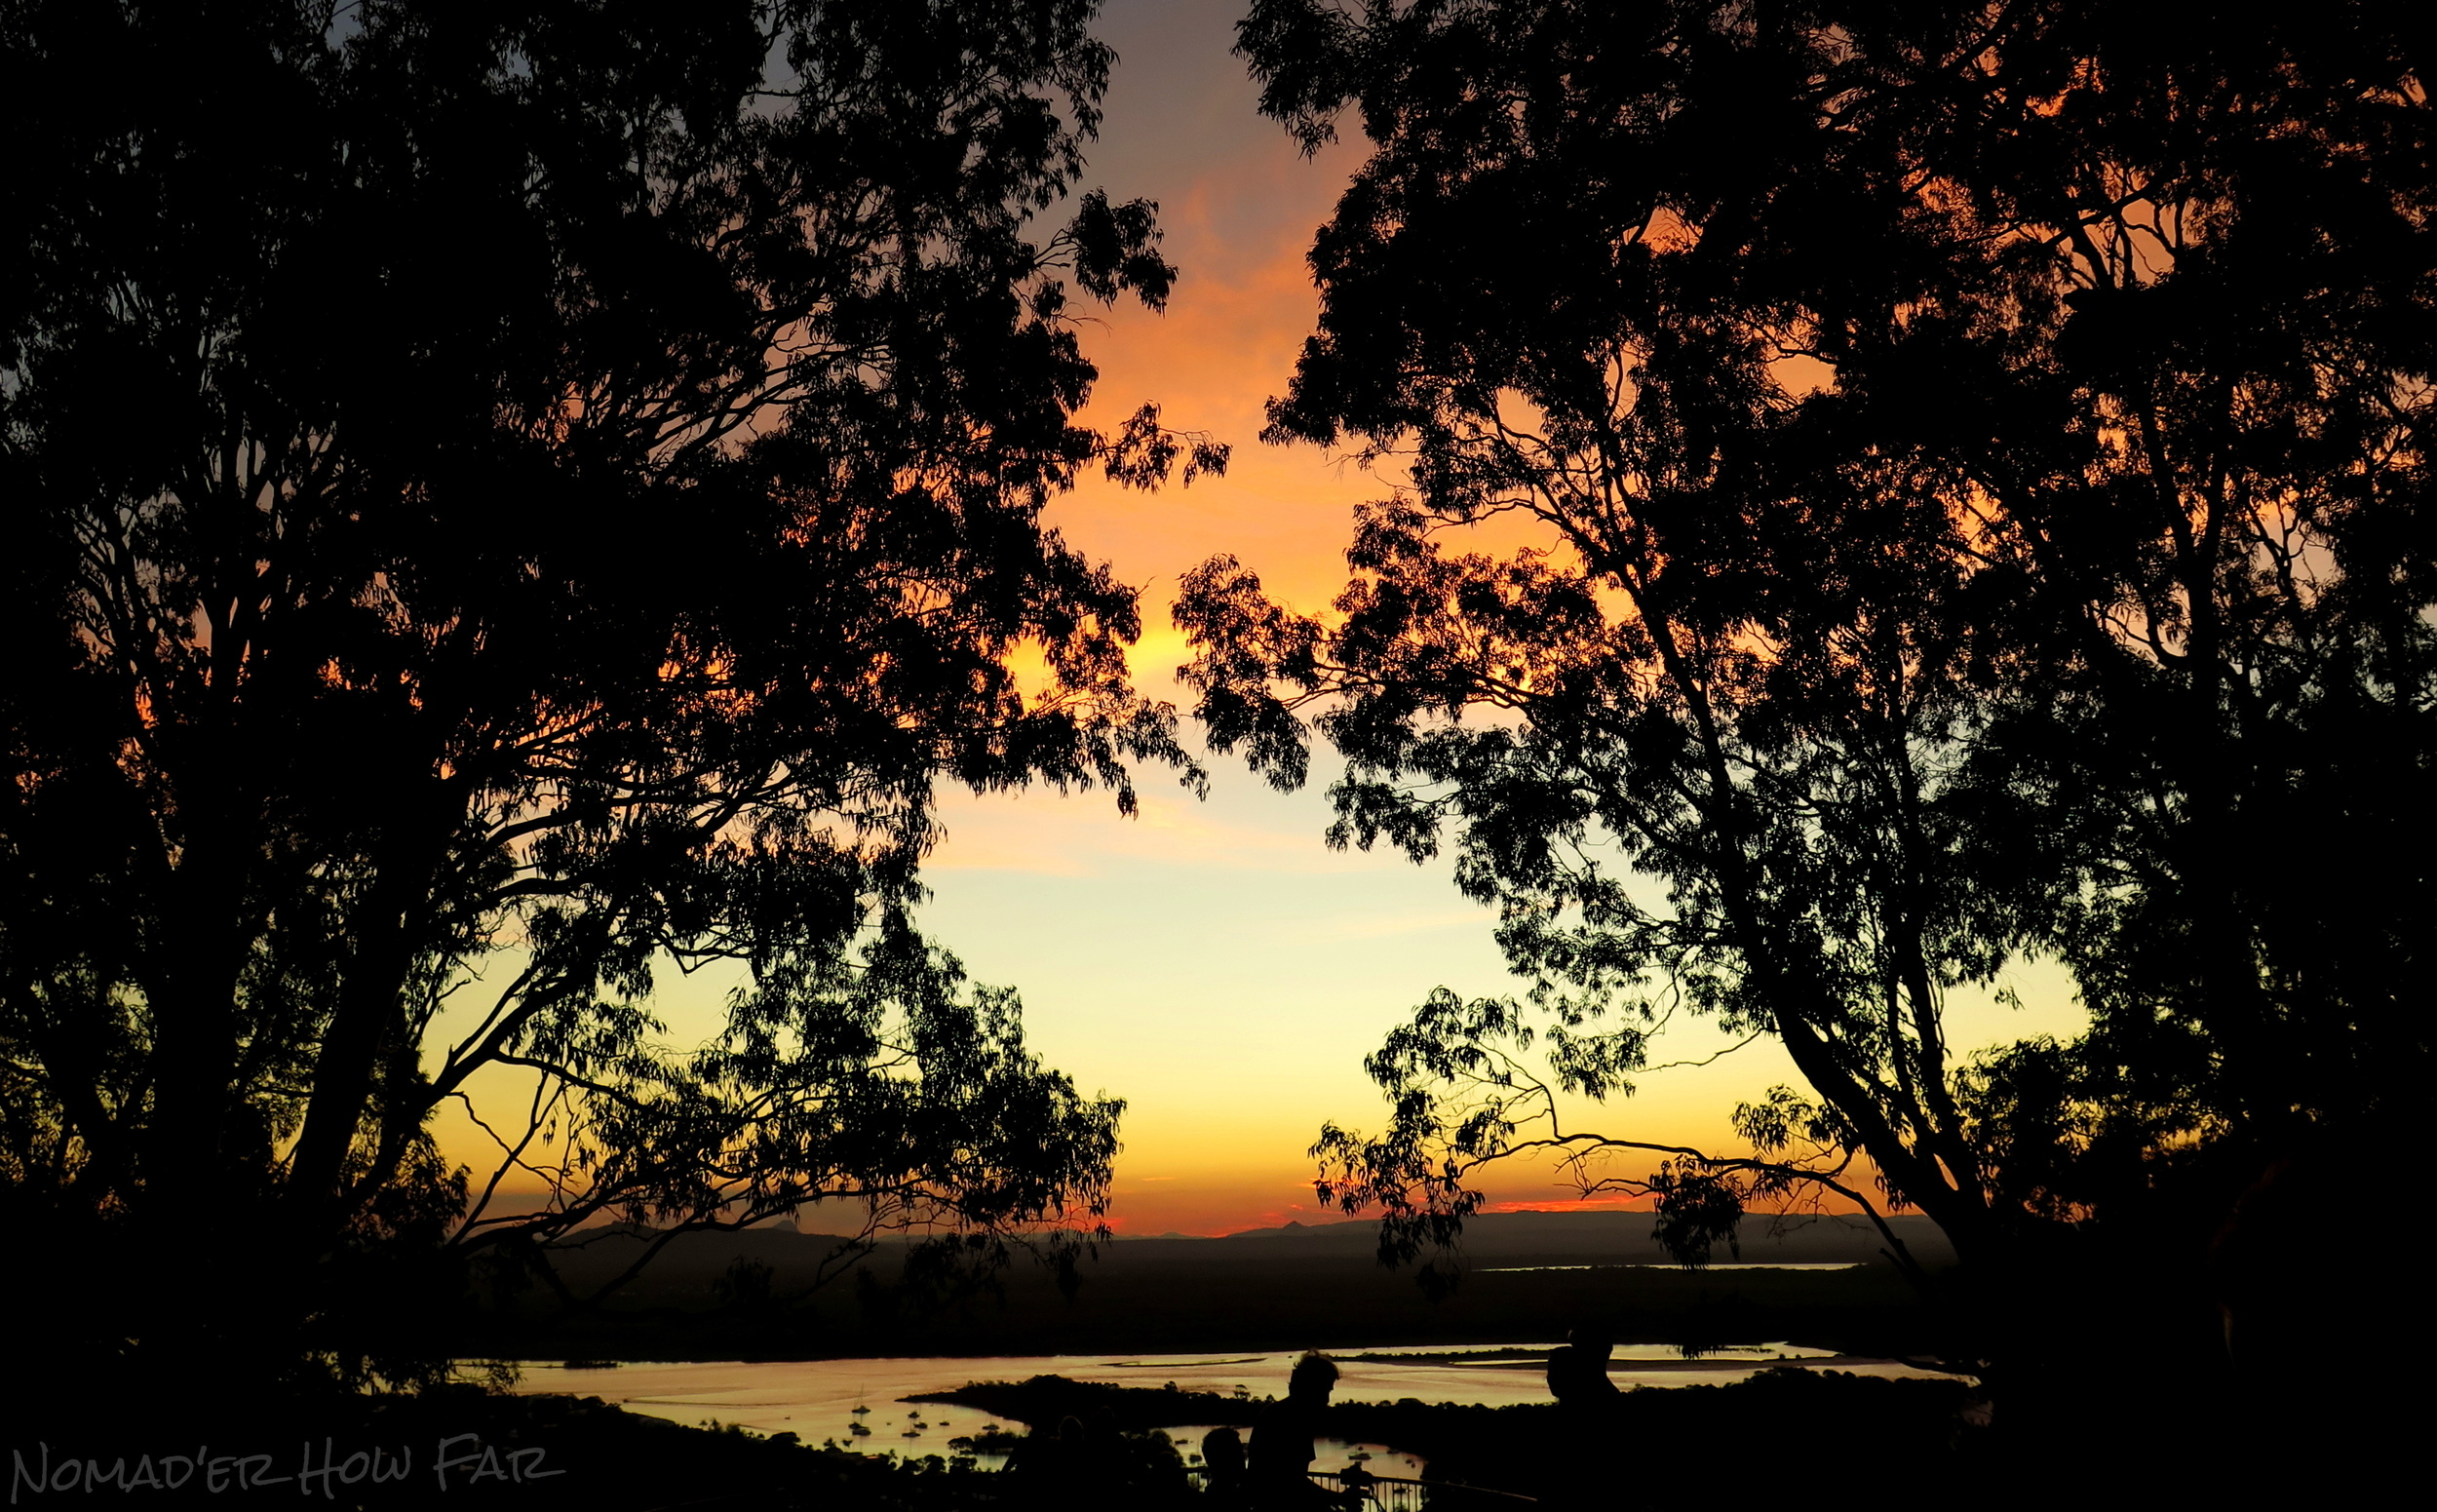 Laguna Lookout Sunset, Noosa - Australia